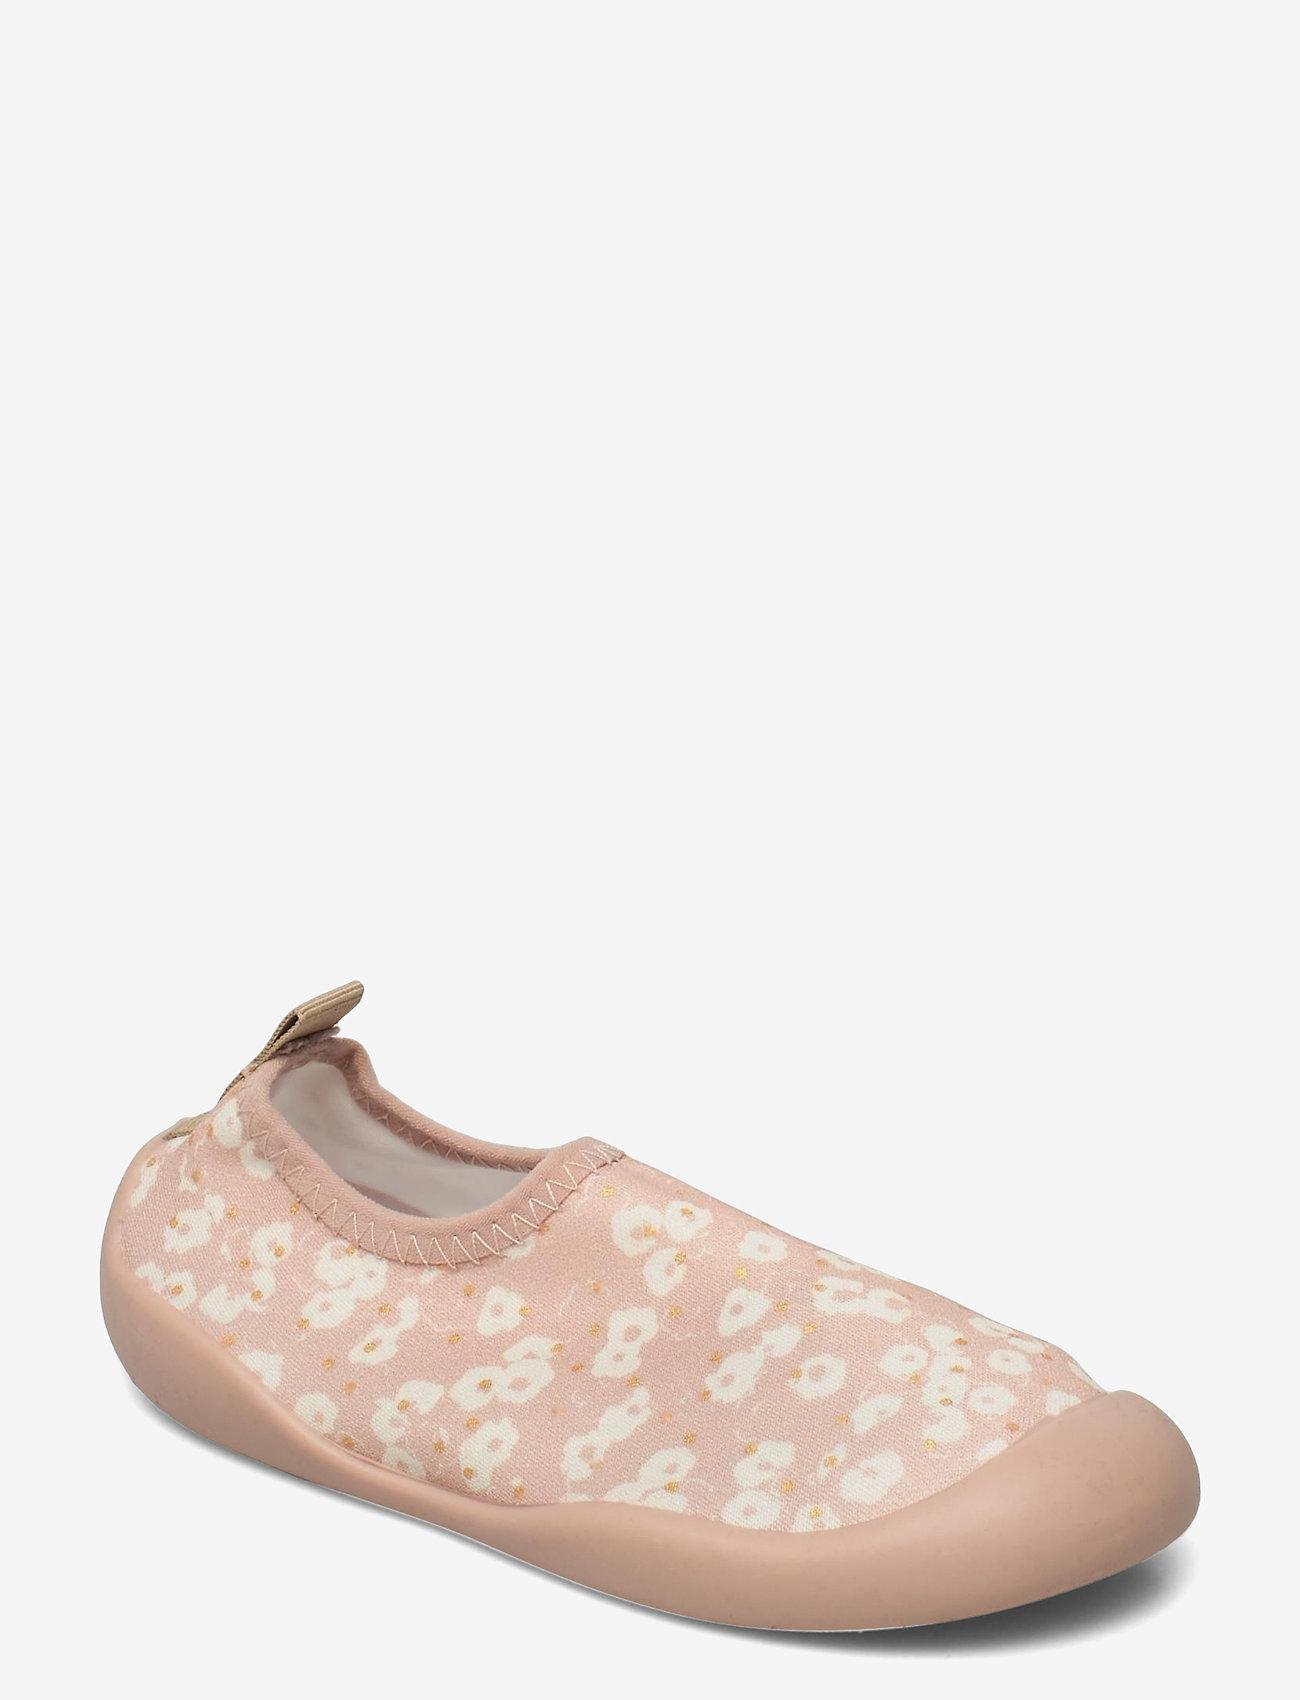 Petit by Sofie Schnoor - Swim shoe - pool sliders - light rose - 0